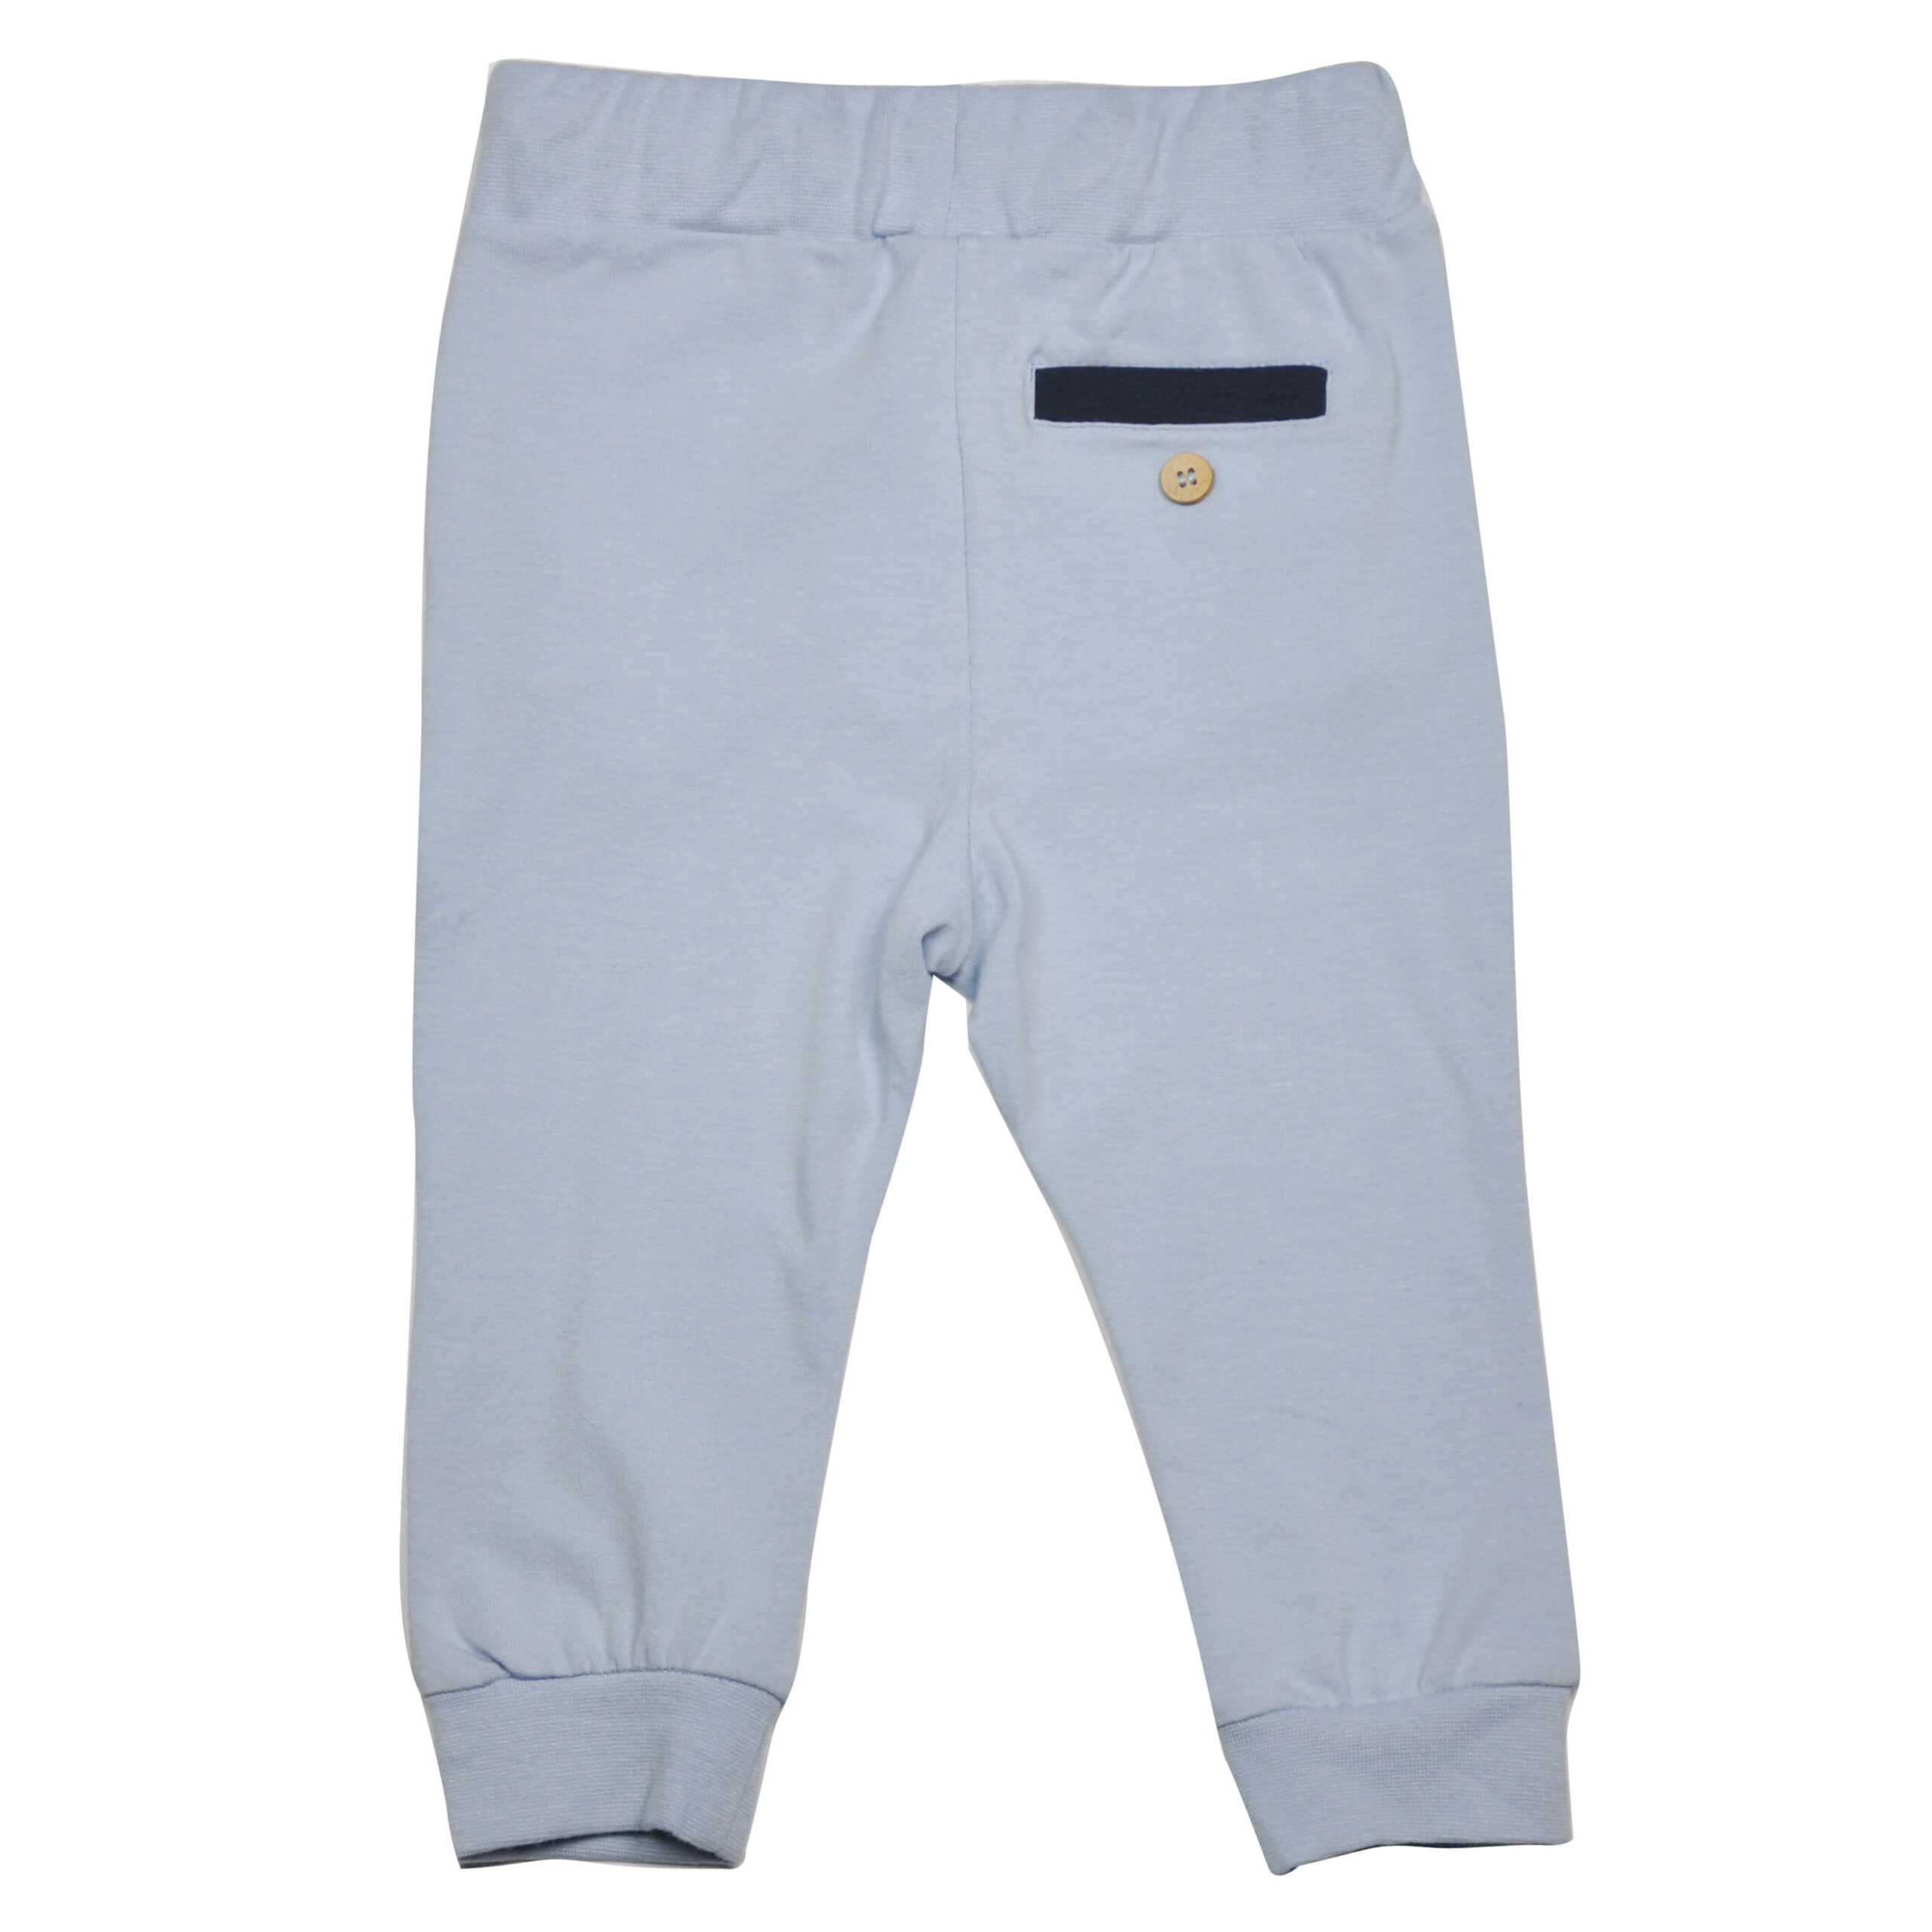 Bukse med lommer - lyseblå bak